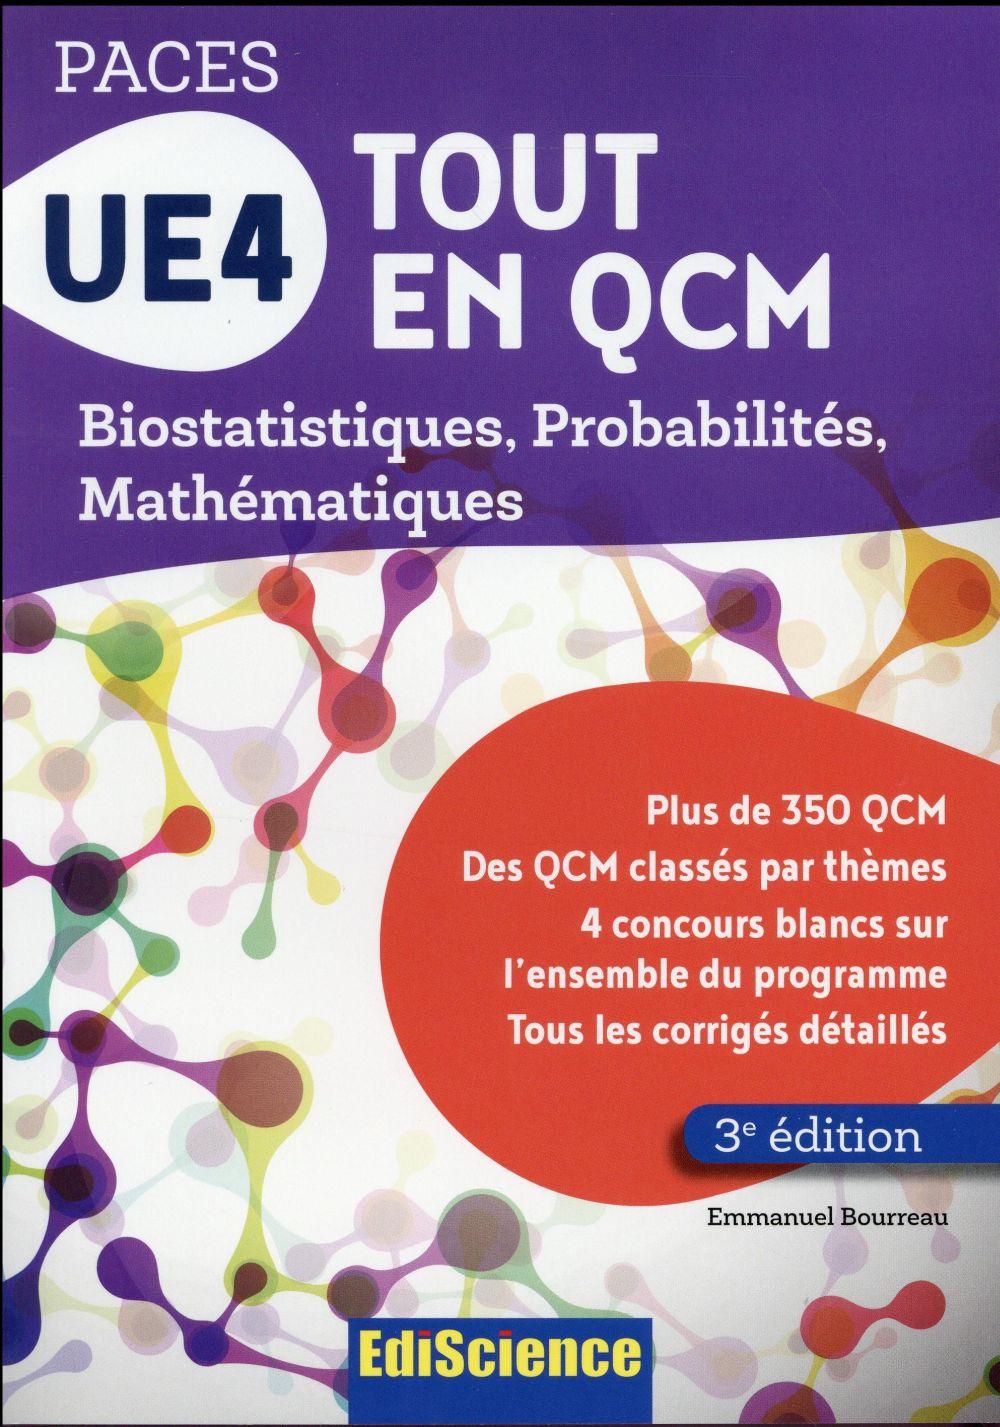 UE4 tout en QCM ; biostatistiques, probabilités, mathématiques (3e édition)